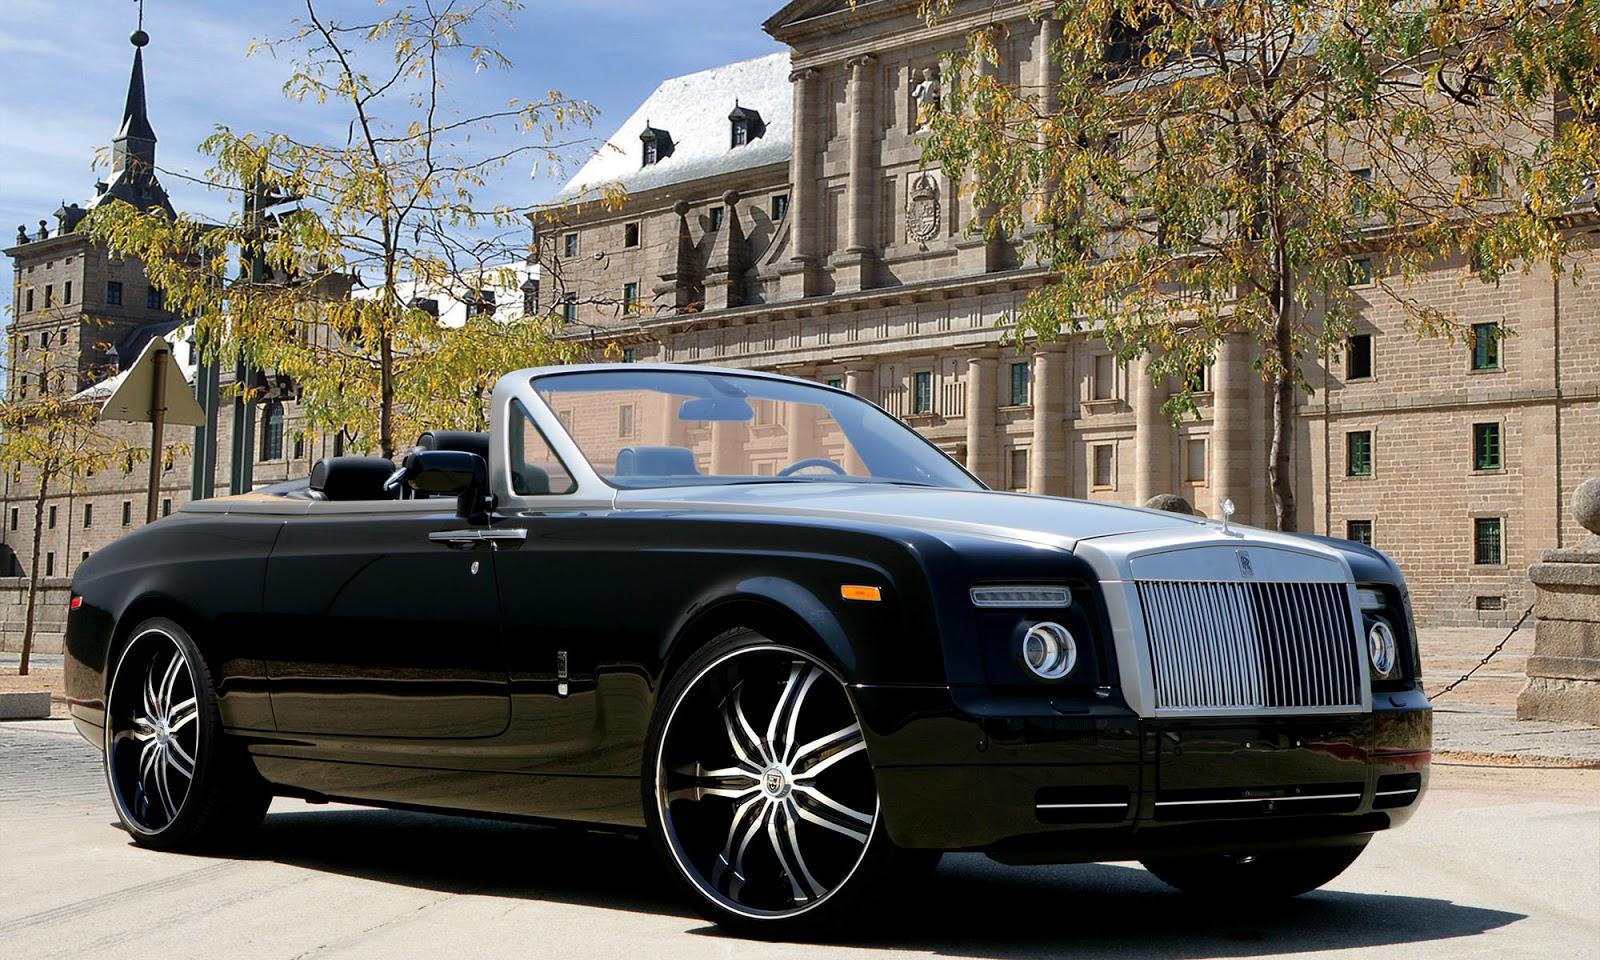 Самый роскошный в мире: представлен новый Rolls-Royce Phantom